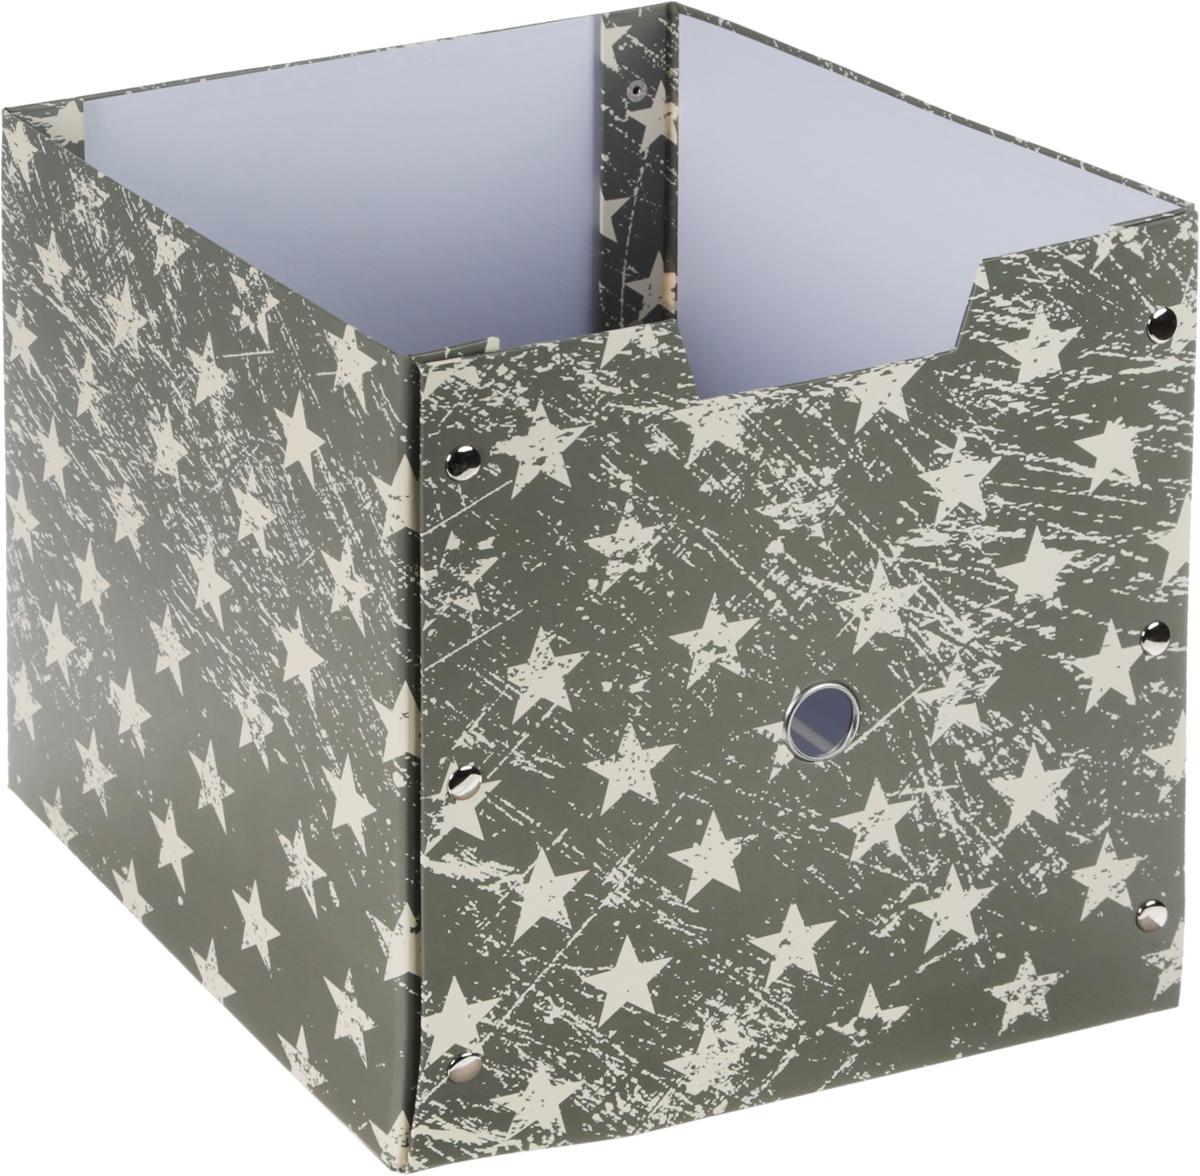 Коробка для хранения, складная, цвет: хаки, бежевый, 30,5 х 30 х 30 смLS-1010 AAКоробкадля хранения изготовлена из высококачественного плотного картона и оформлена оригинальным принтом. Она предназначена для хранения различных мелочей. Изделие легко собирается с помощью металлических креплений и не занимает много места. Такая коробка для хранения идеальное решение для аккуратного хранения различных ниток, канцелярских товаров. Размер коробки (в собранном виде): 30,5 х 30 х 30 см.